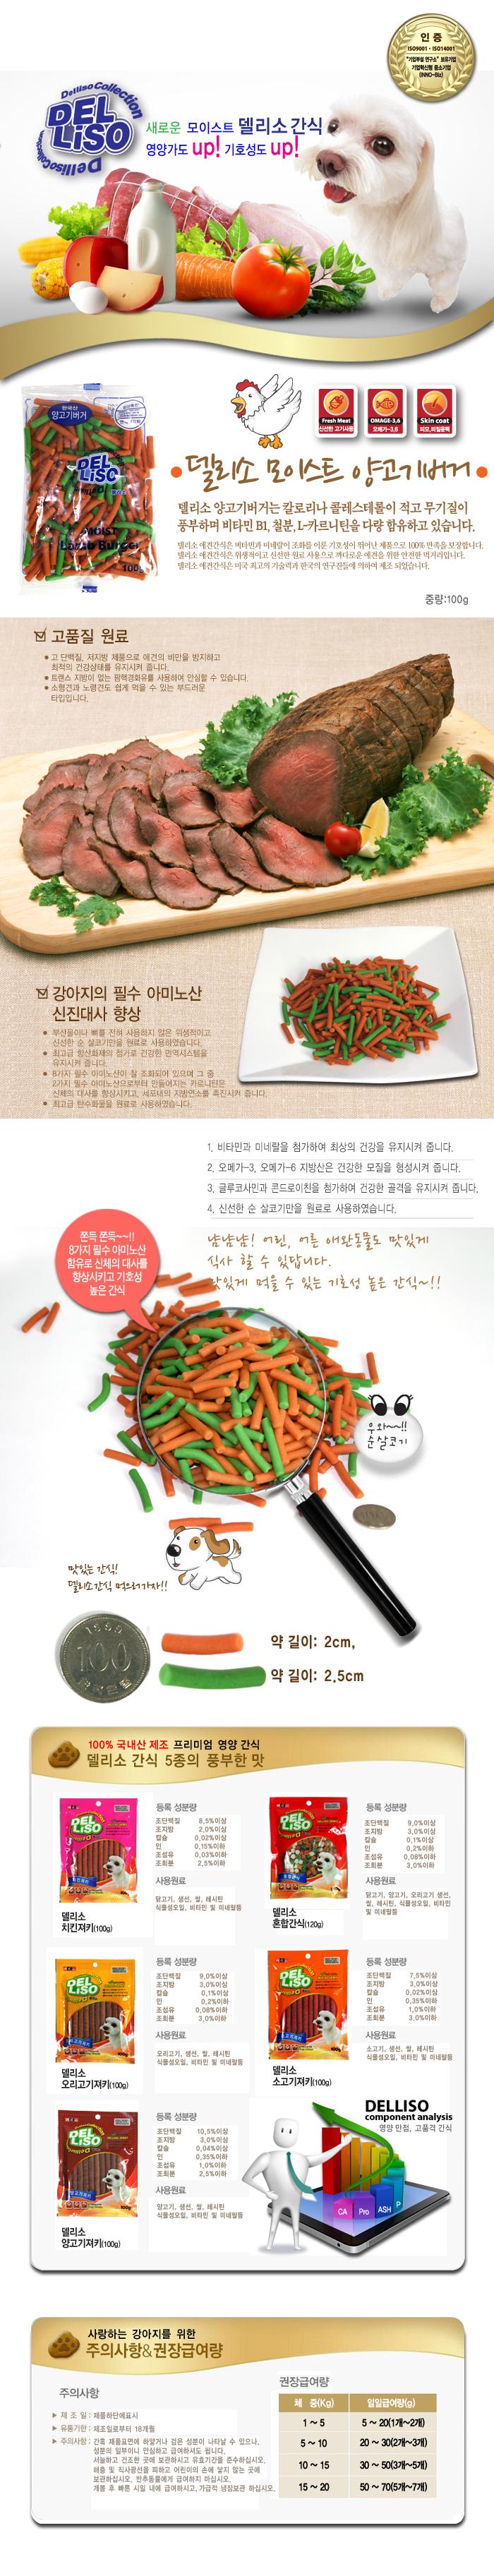 (부드러운 간식) 양고기 버거 100g - 더 케이 펫, 1,670원, 간식/영양제, 수제간식